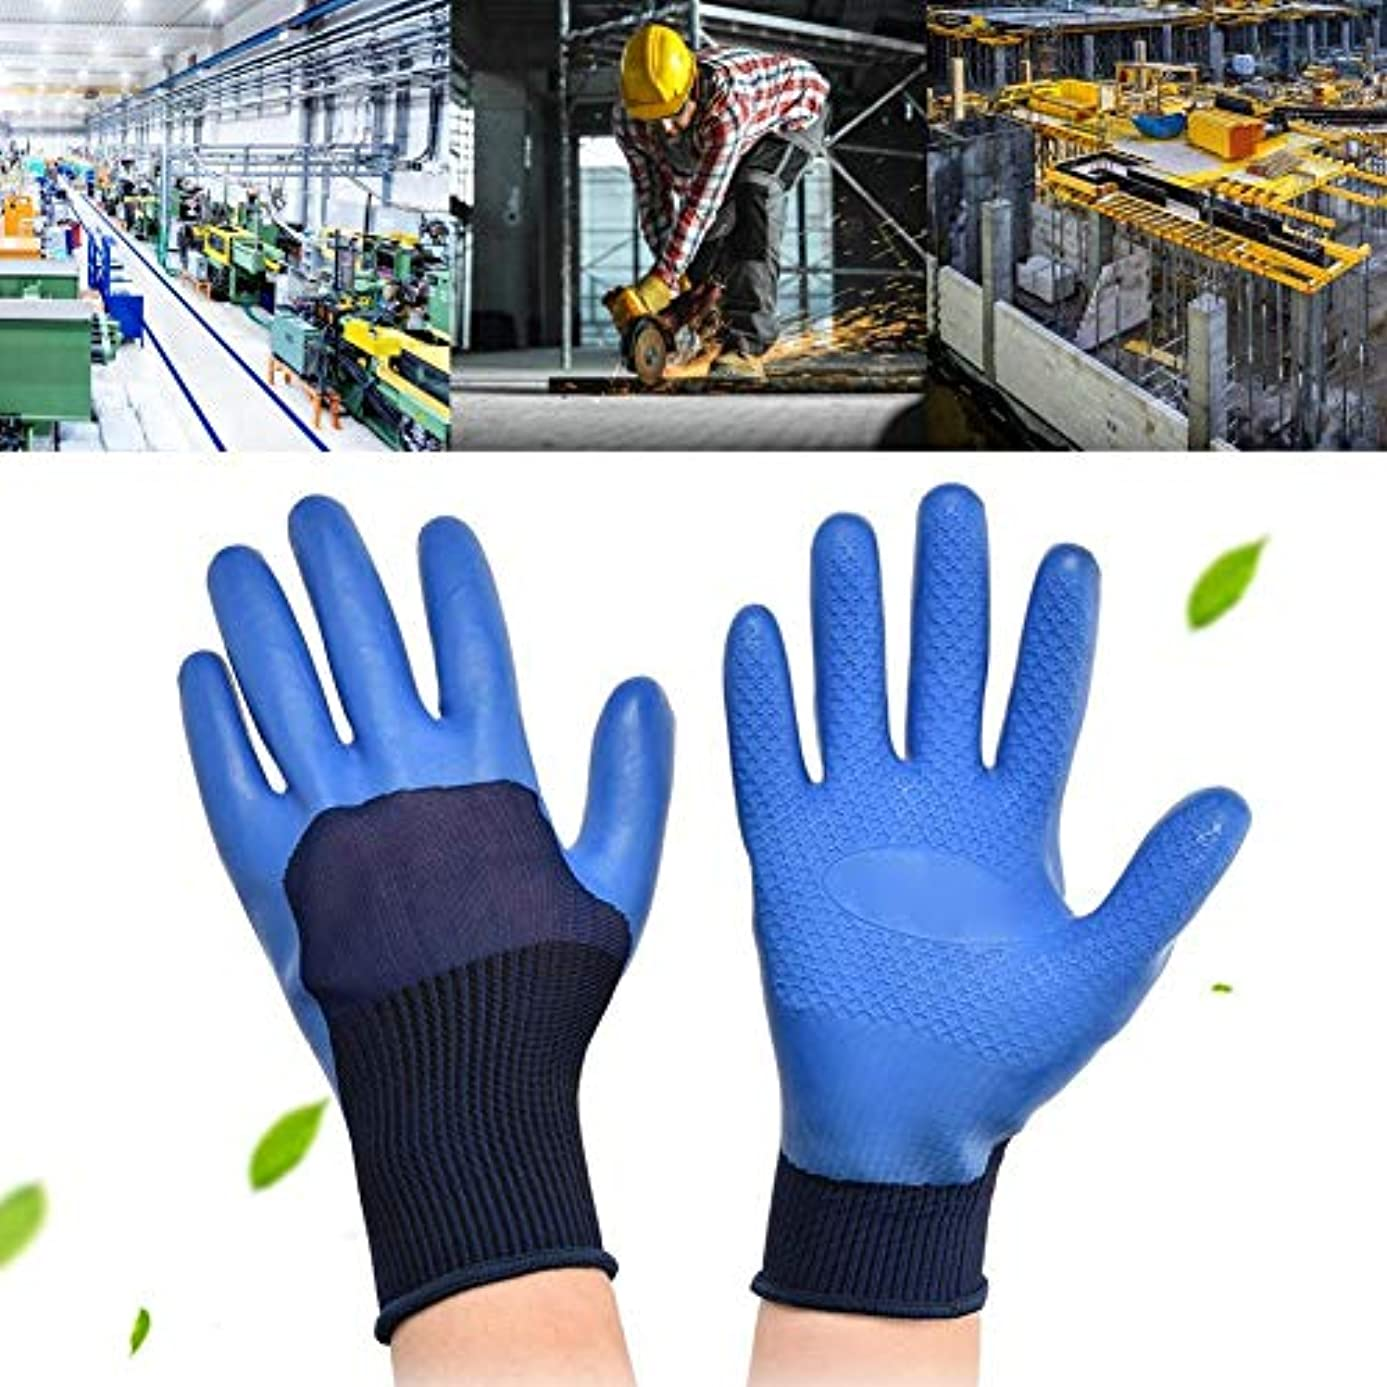 コショウほかにつまずく作業用手袋、滑り止めラテックス労働保護手袋、耐摩耗性防水安全手袋, 滑り止めラテックス労働保護作業用手袋の耐摩耗性防水安全手袋